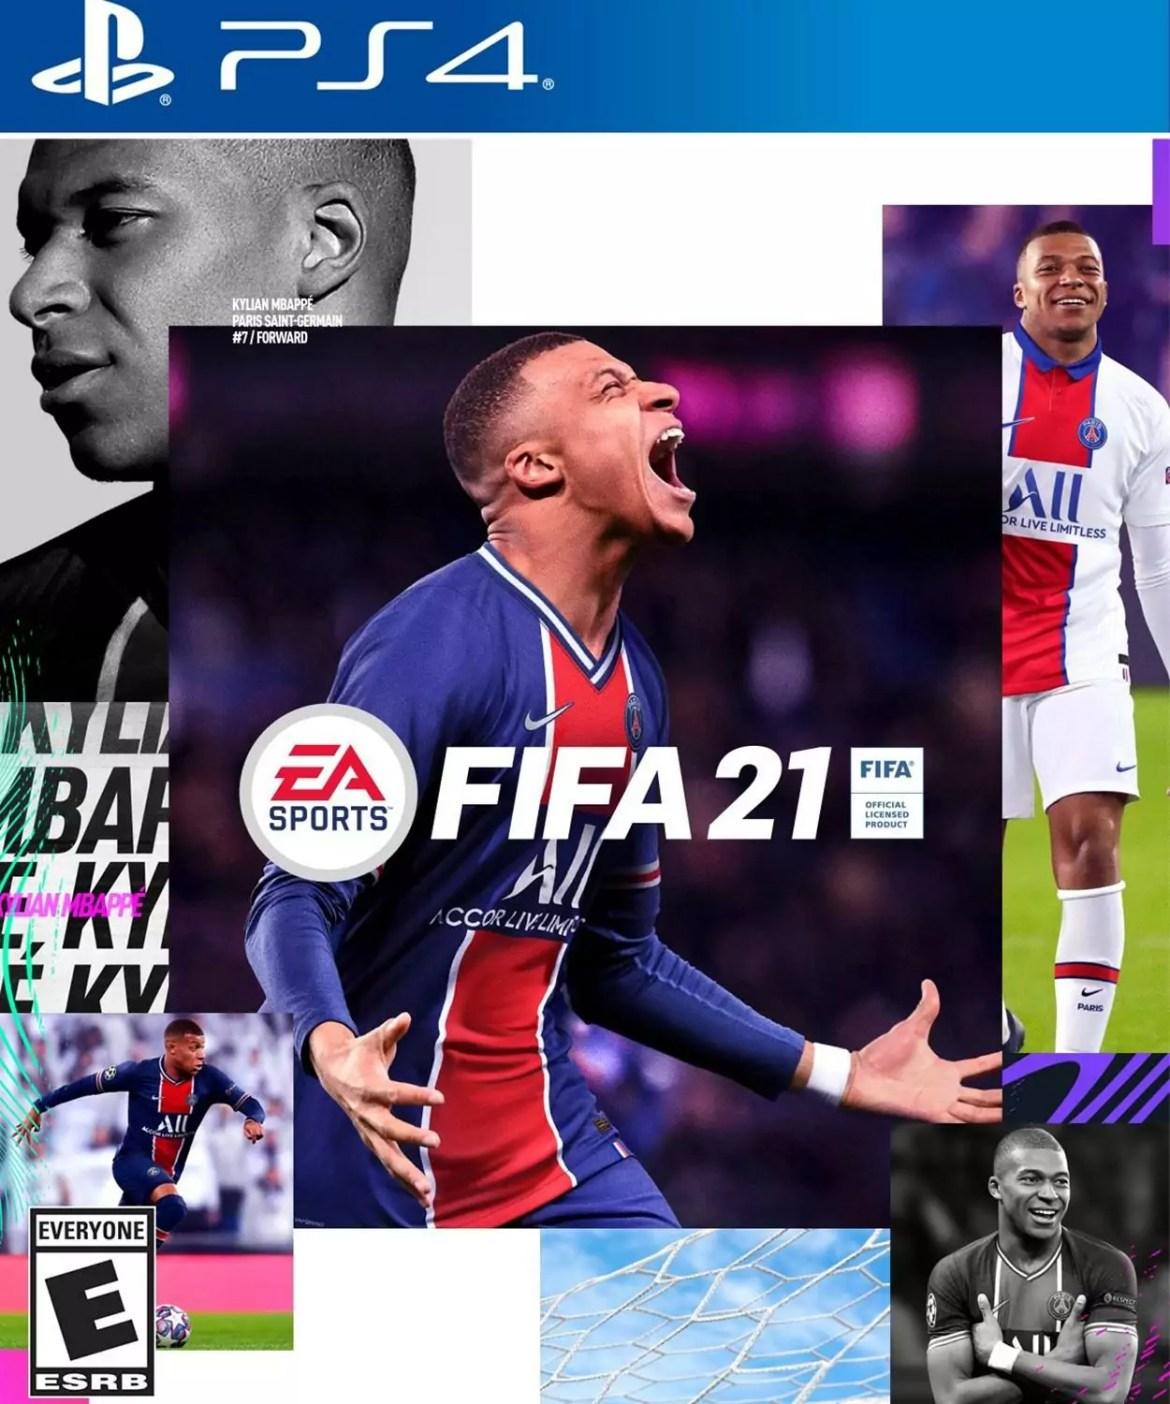 Mbappé na capa é uma das novidades do FIFA 21